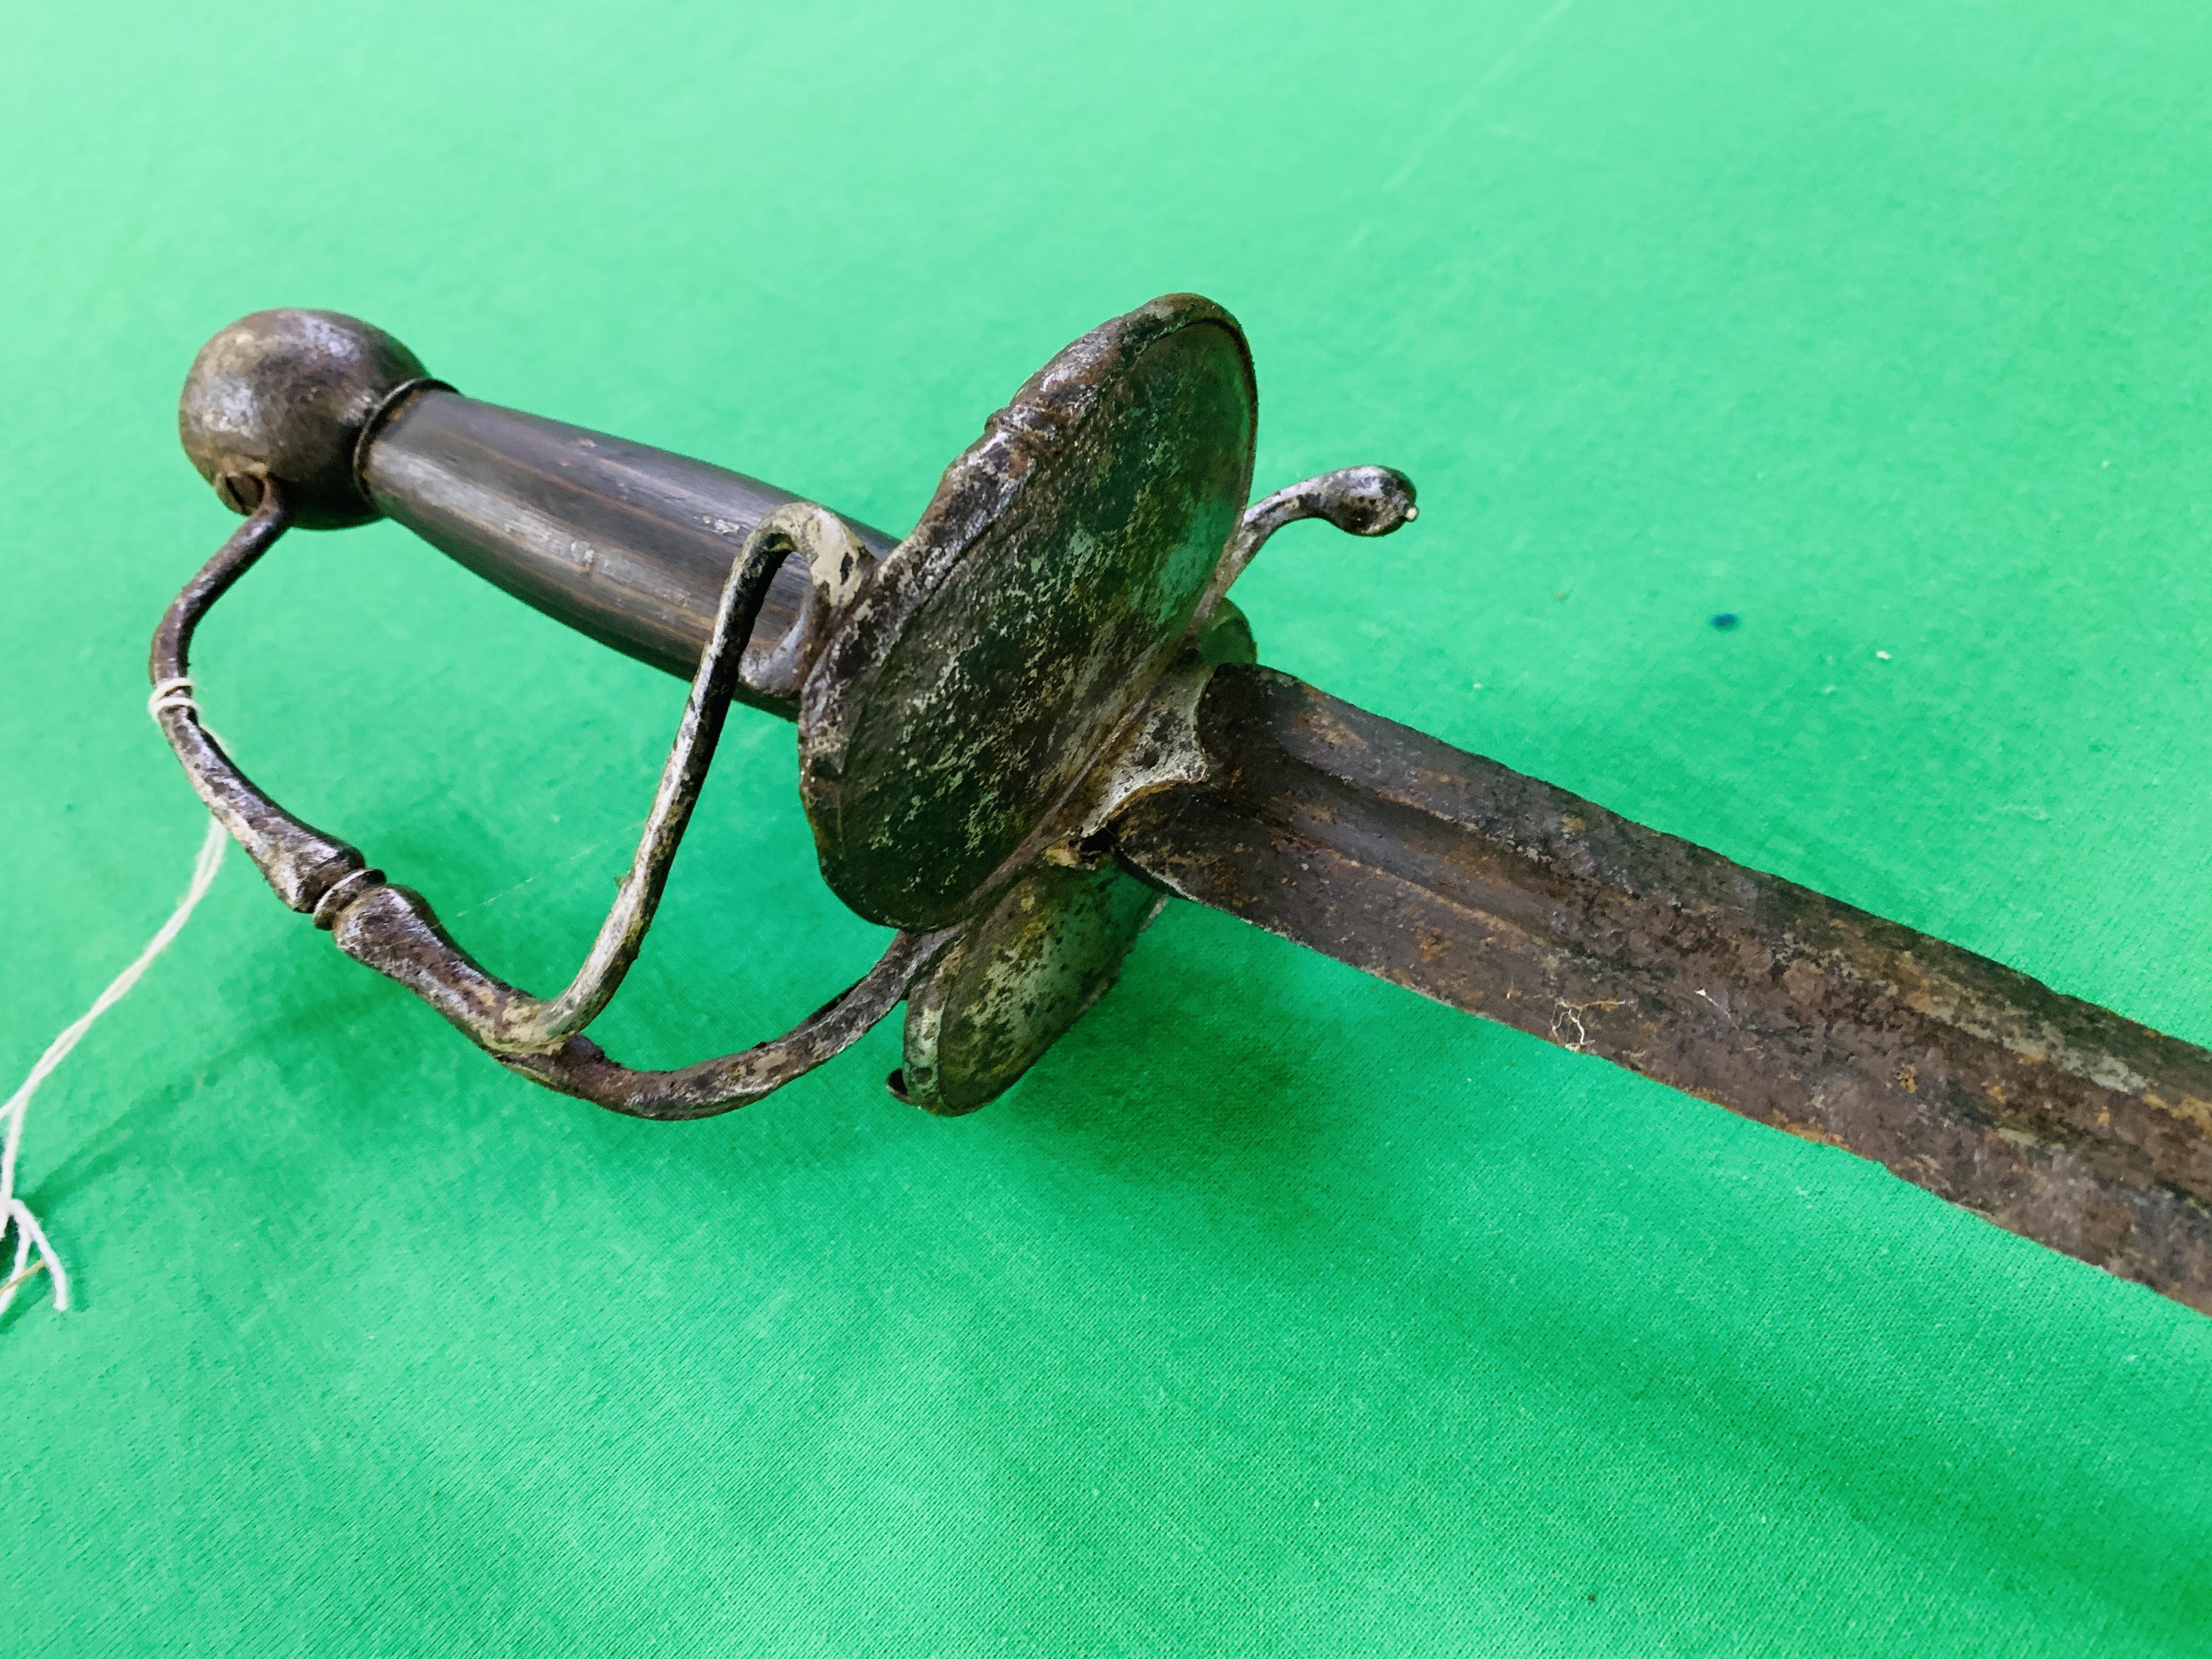 CIRCA 1642 CIVIL WAR SWORD - Image 3 of 6